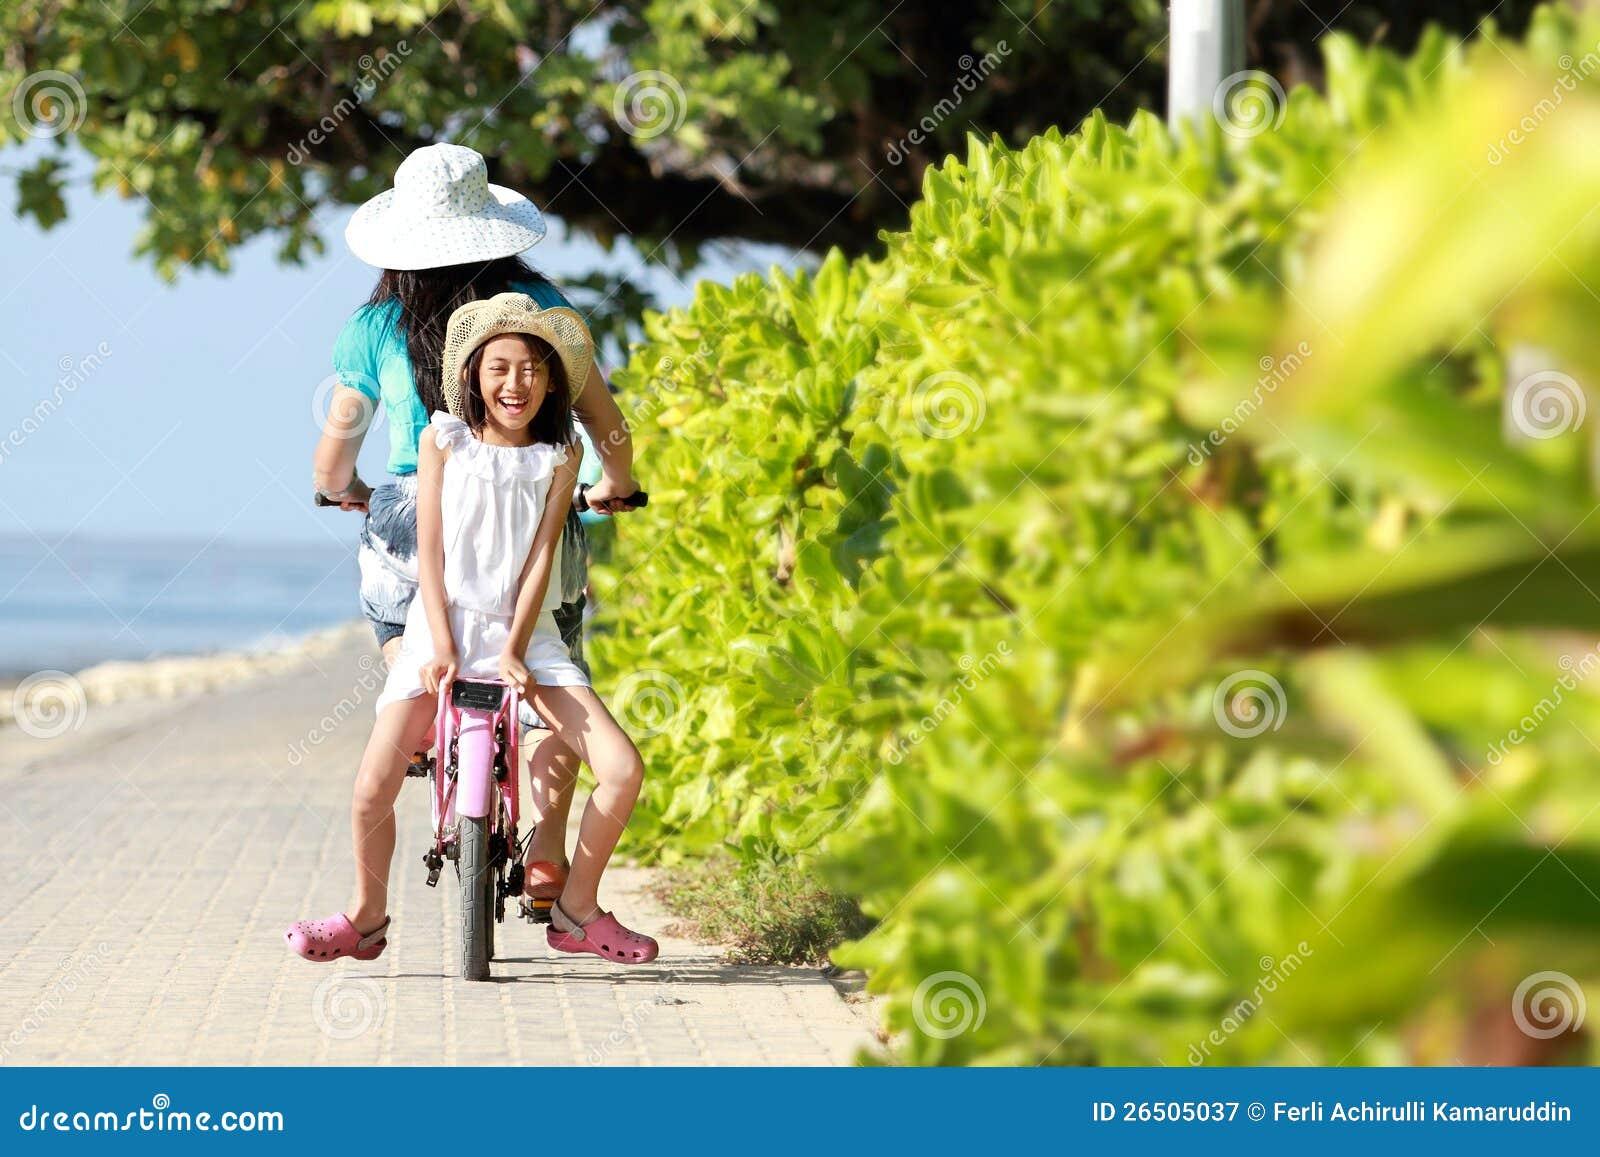 Bicicleta da equitação da menina ao ar livre